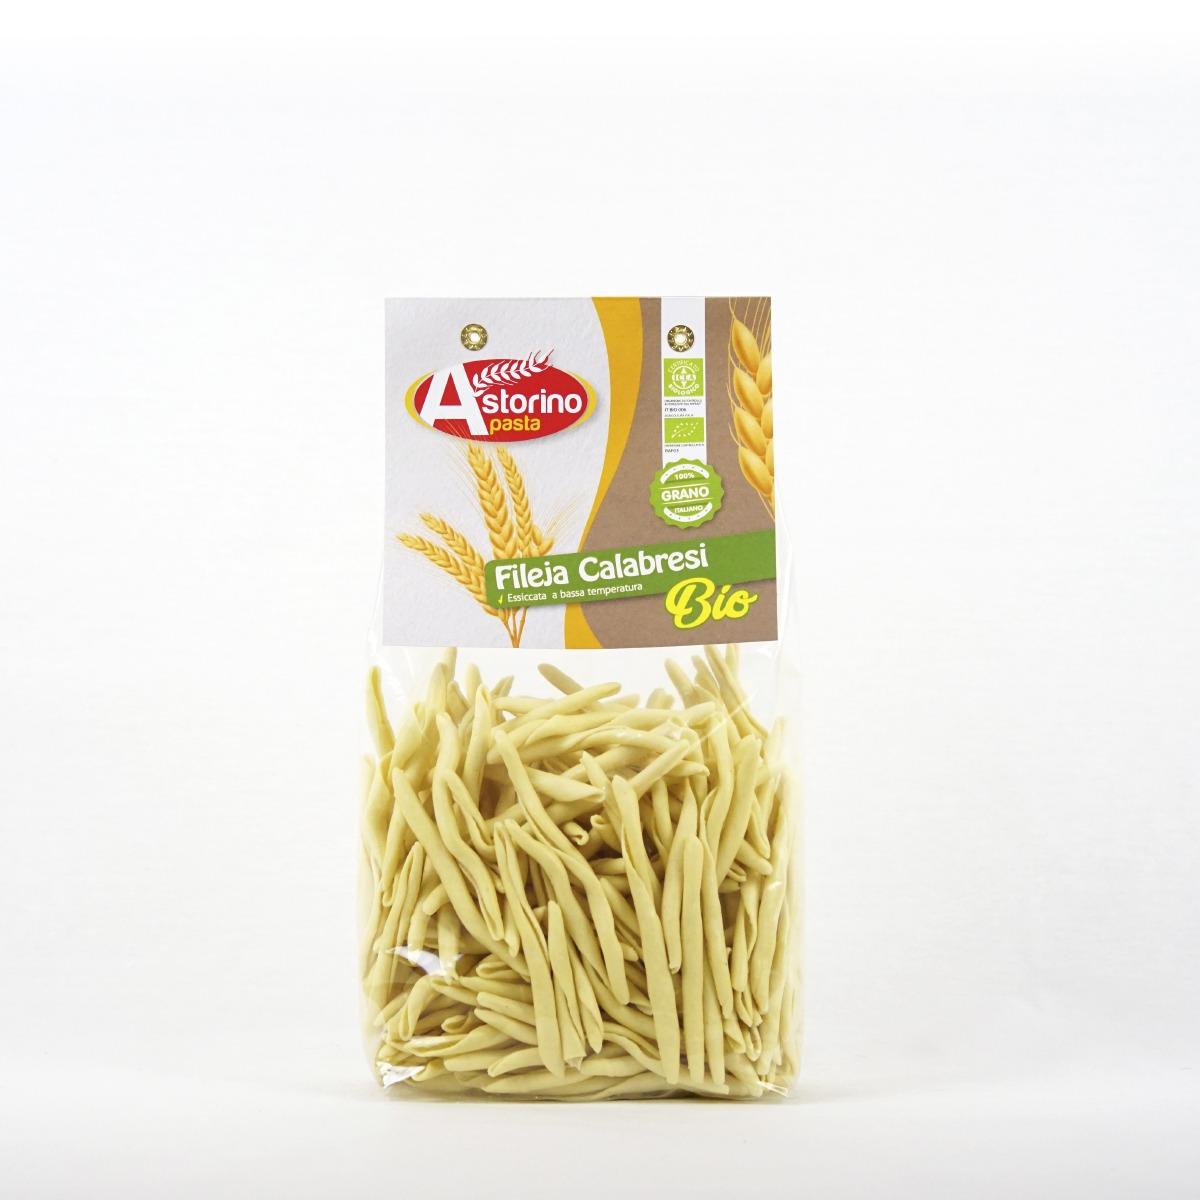 pasta_biologica_di_grano_duro_fileja_calabresi_f